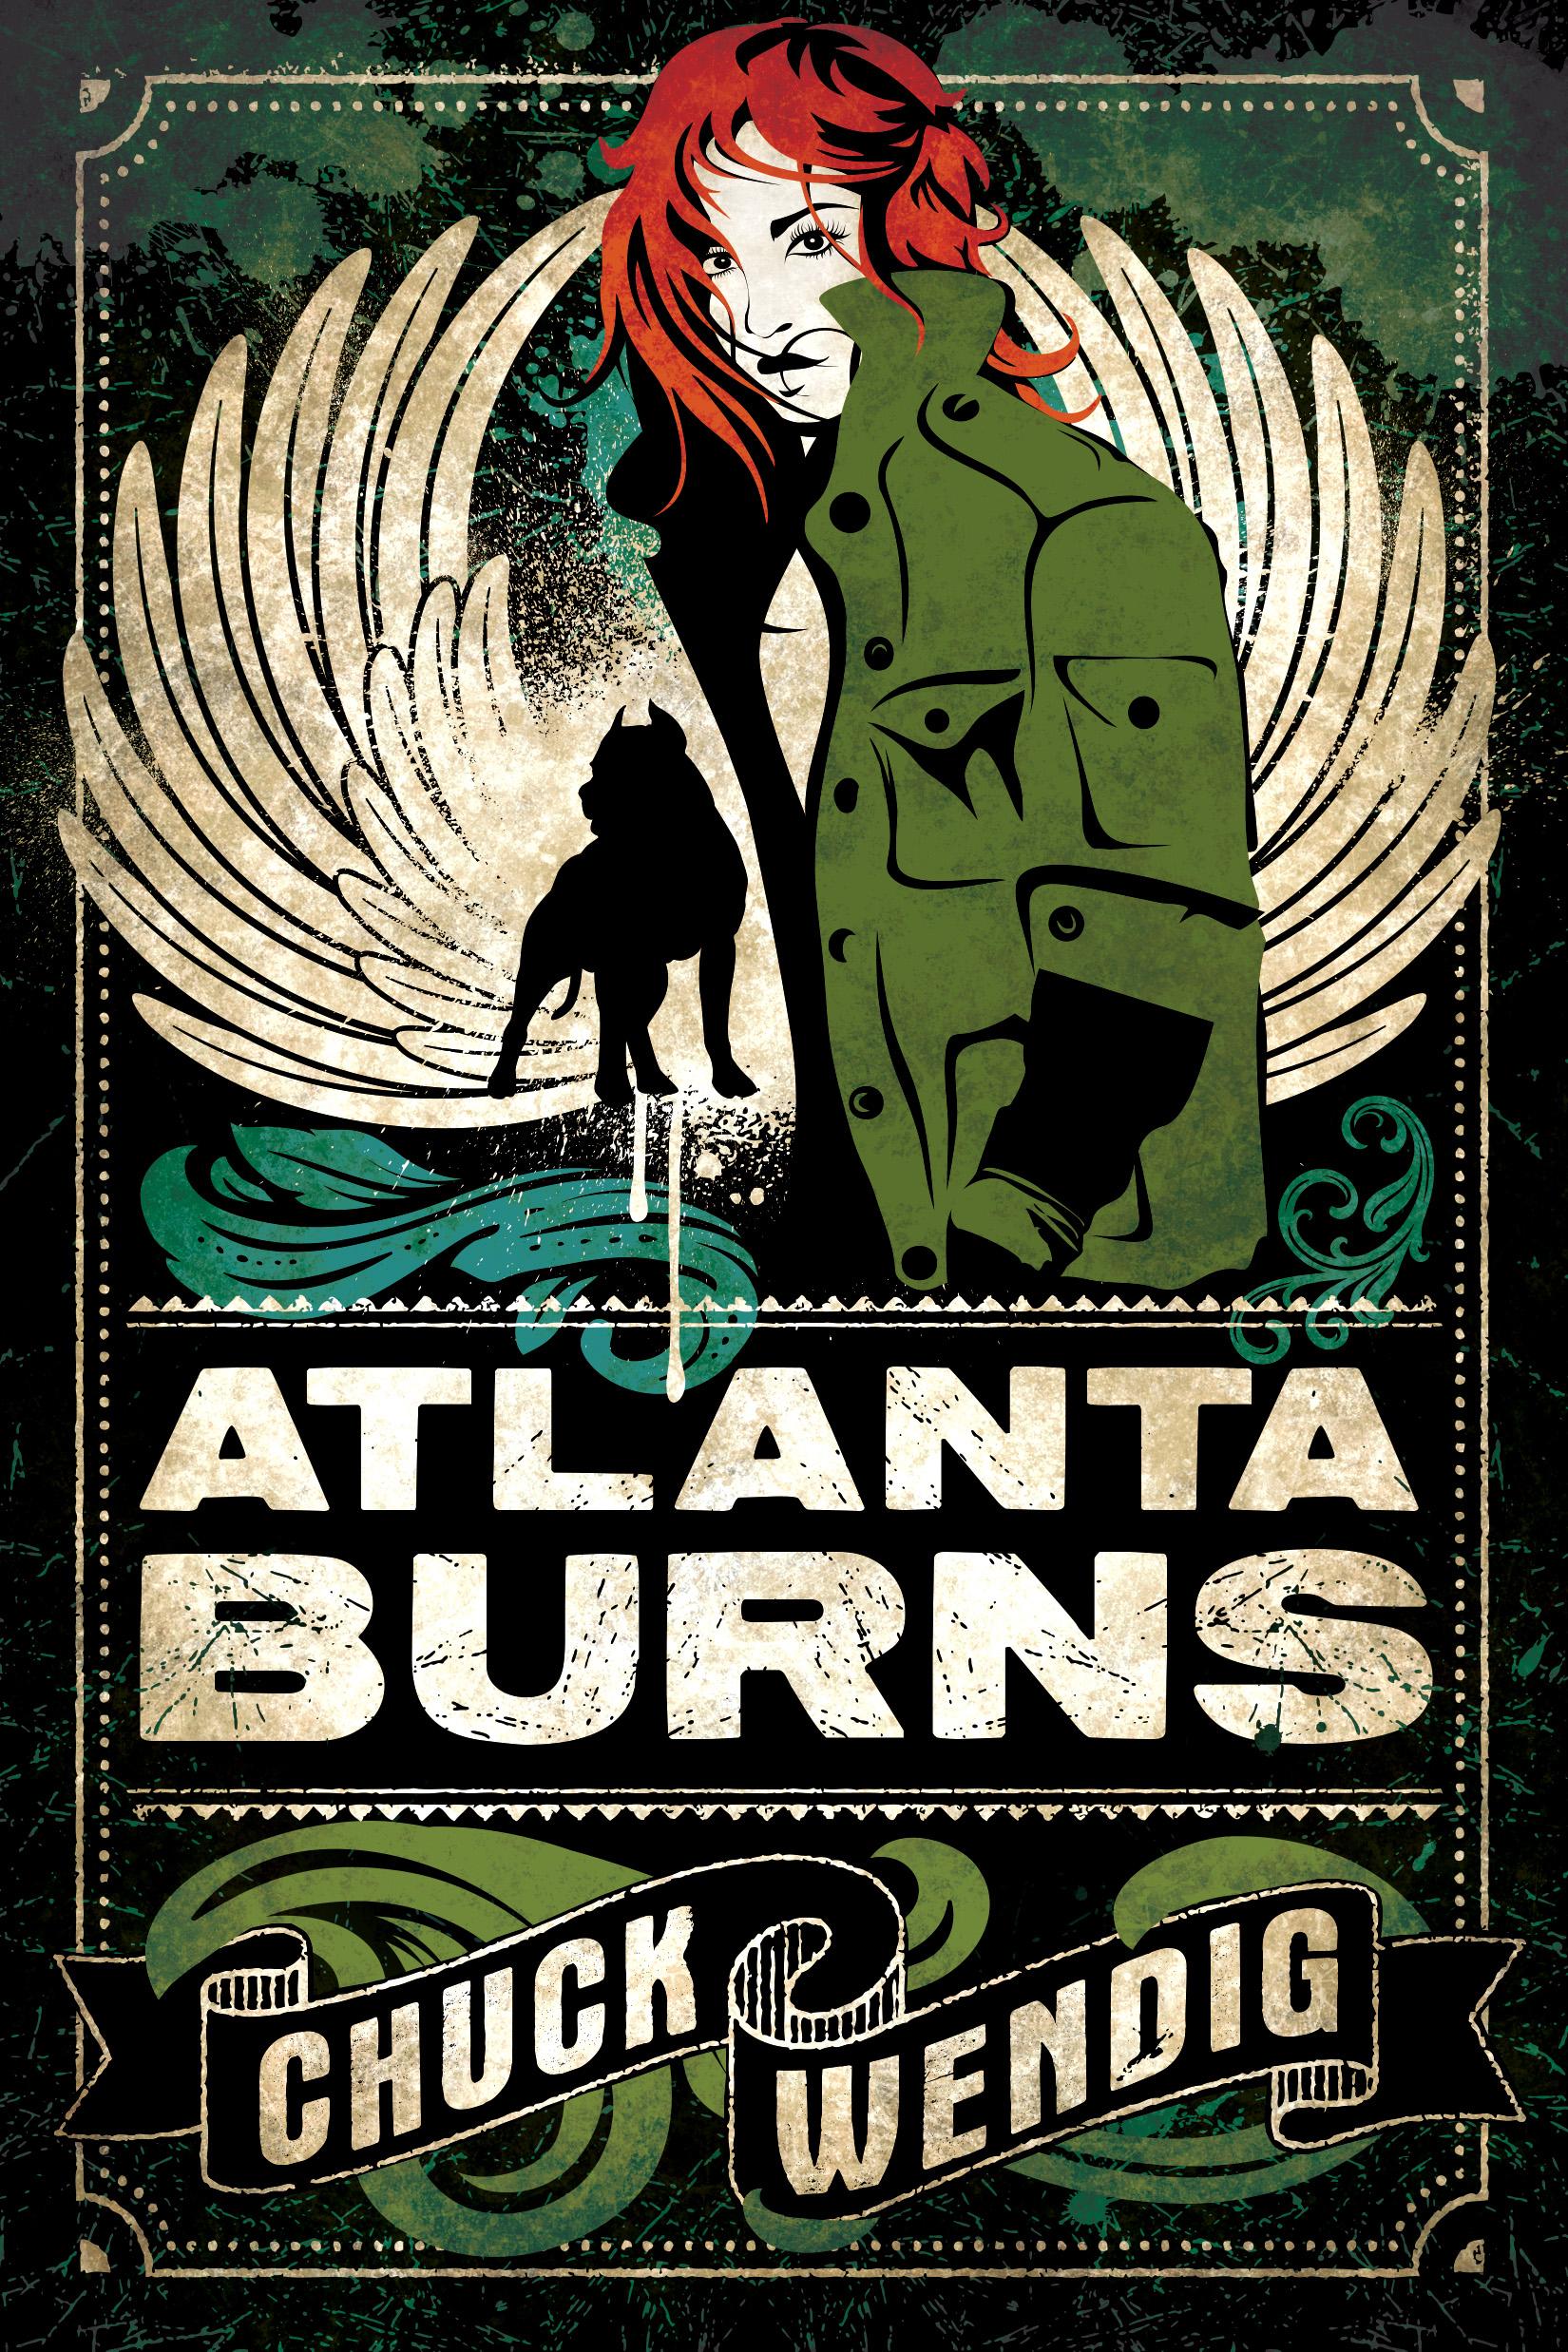 AtlantaBurns